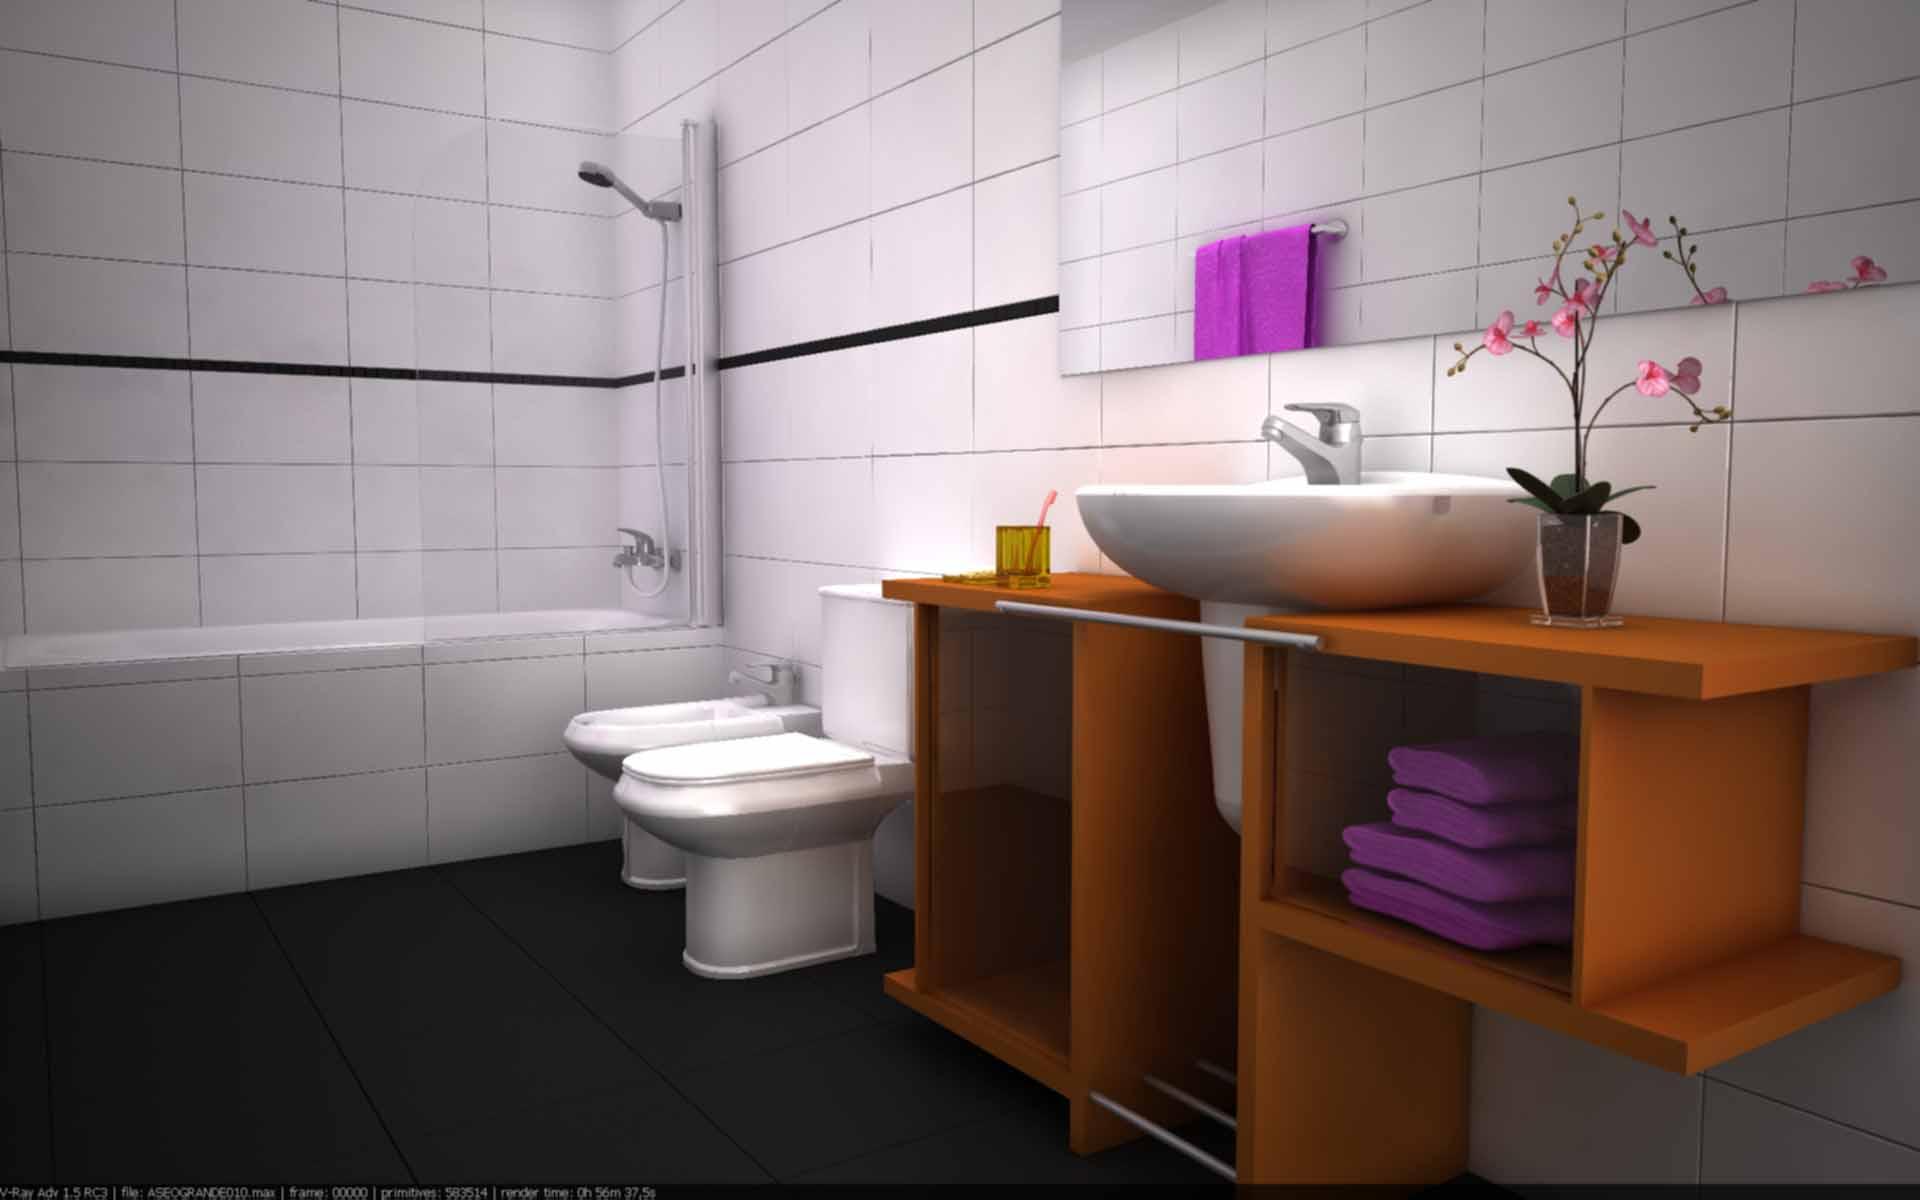 Iluminacion Interior Baños:Como mejorar esta iluminacion interior-bano-010-forojpg